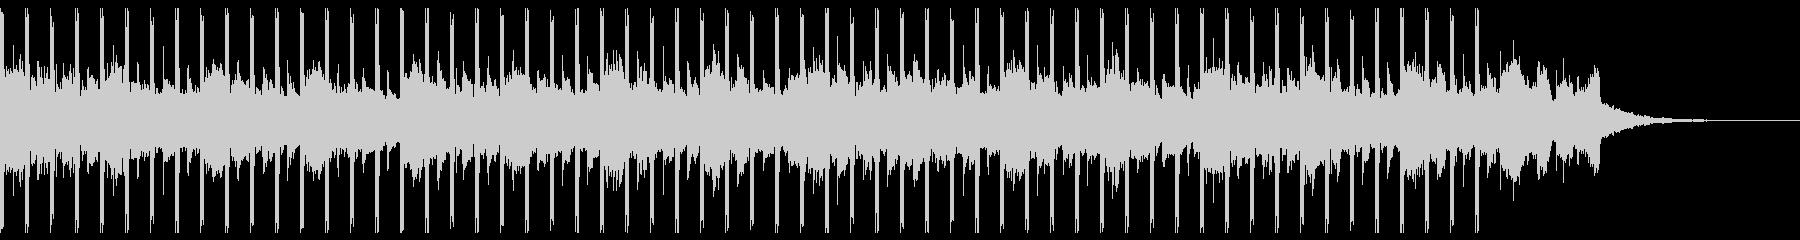 マーケティング(30秒)の未再生の波形